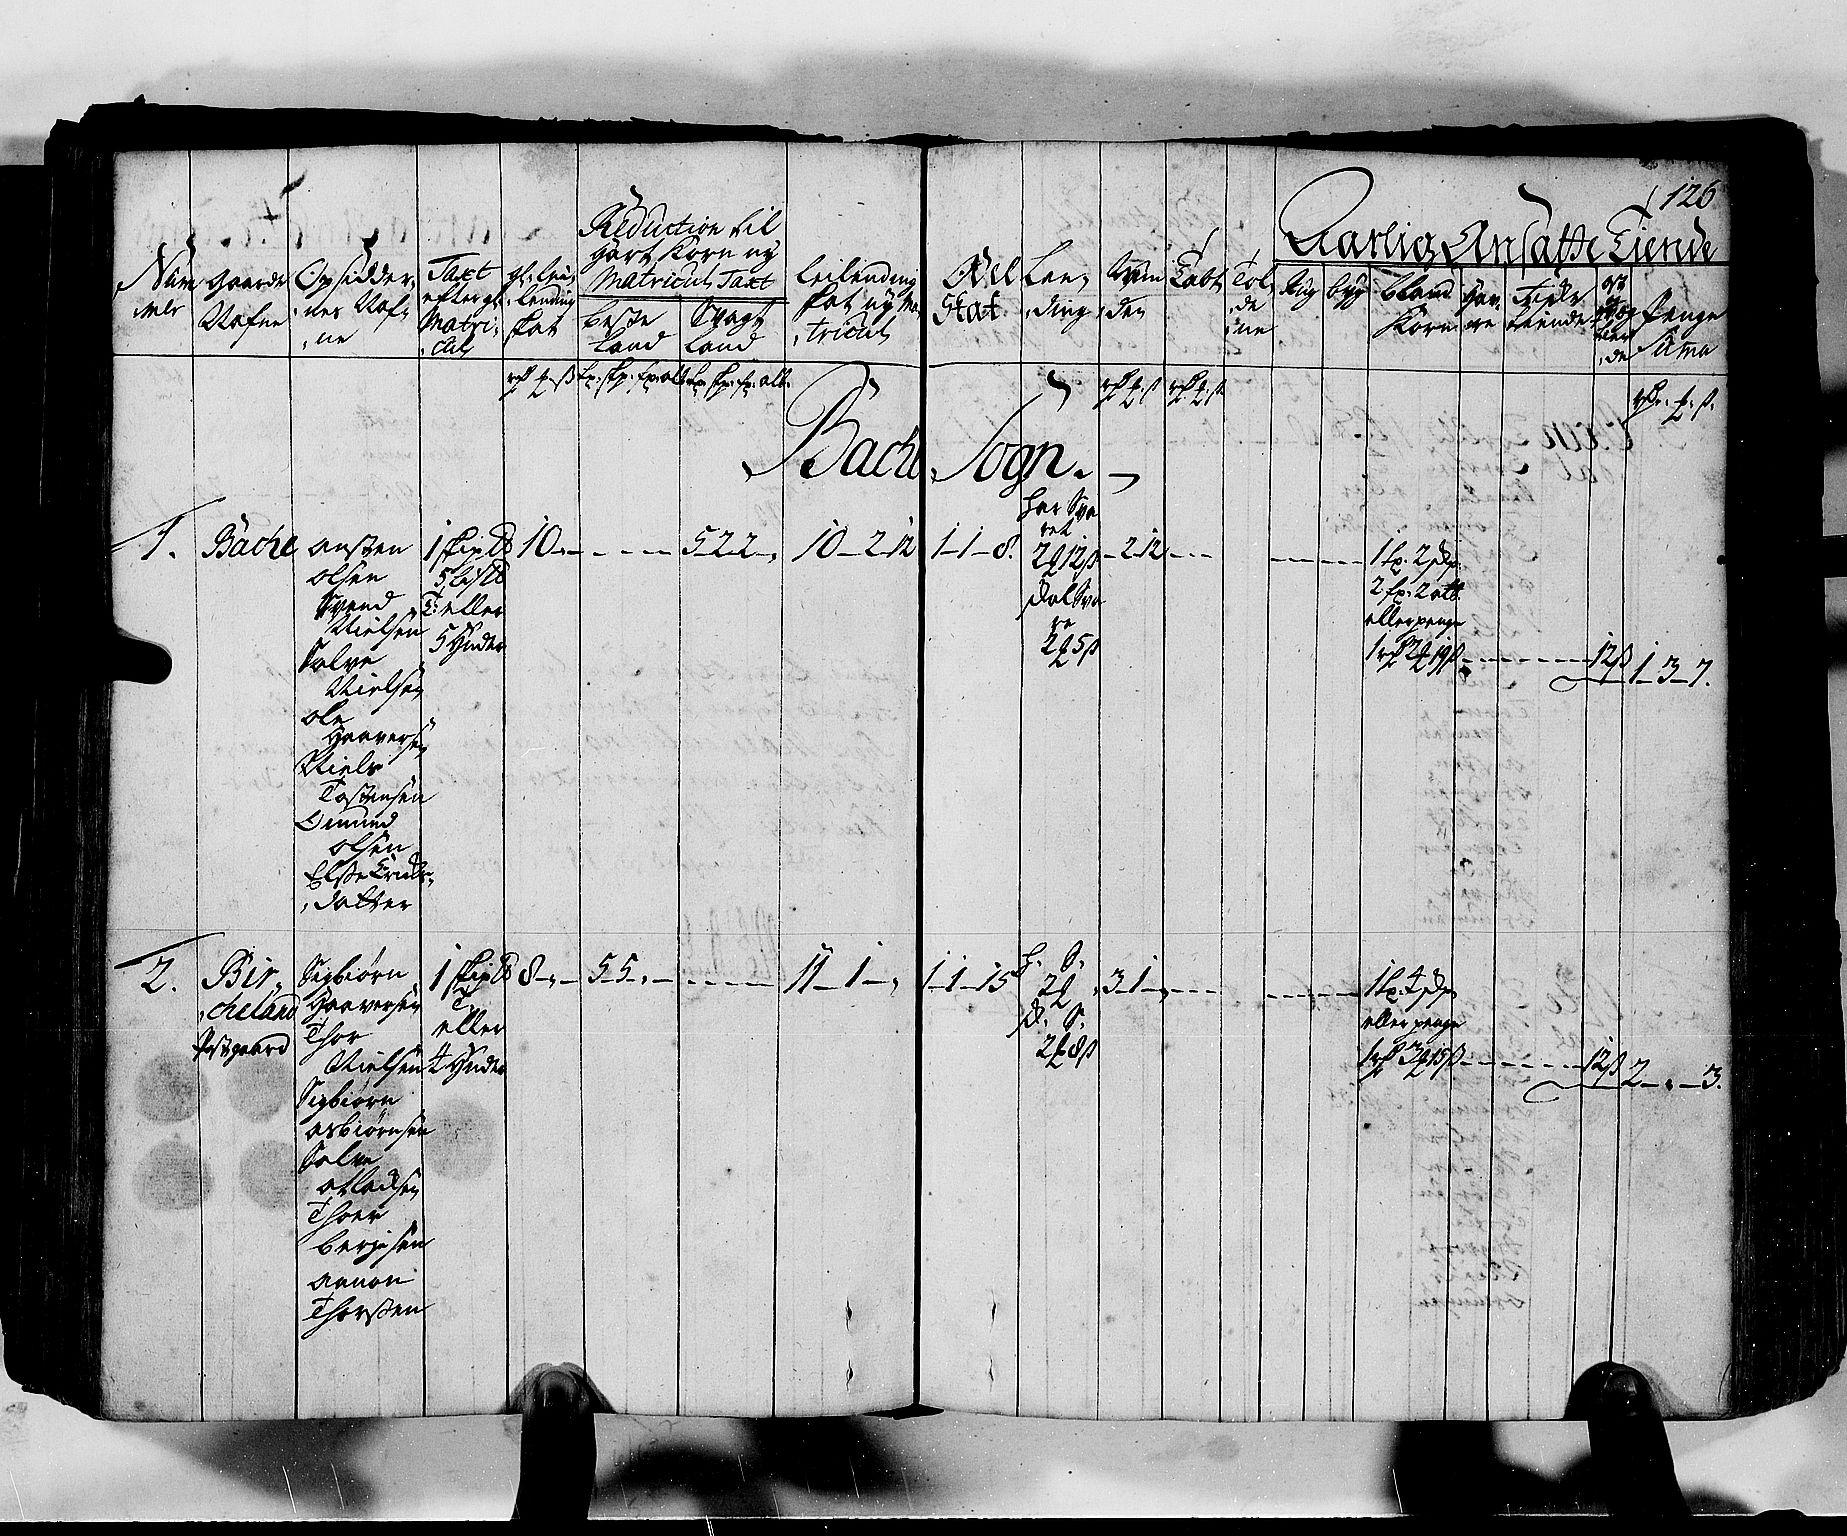 RA, Rentekammeret inntil 1814, Realistisk ordnet avdeling, N/Nb/Nbf/L0130: Lista matrikkelprotokoll, 1723, s. 125b-126a